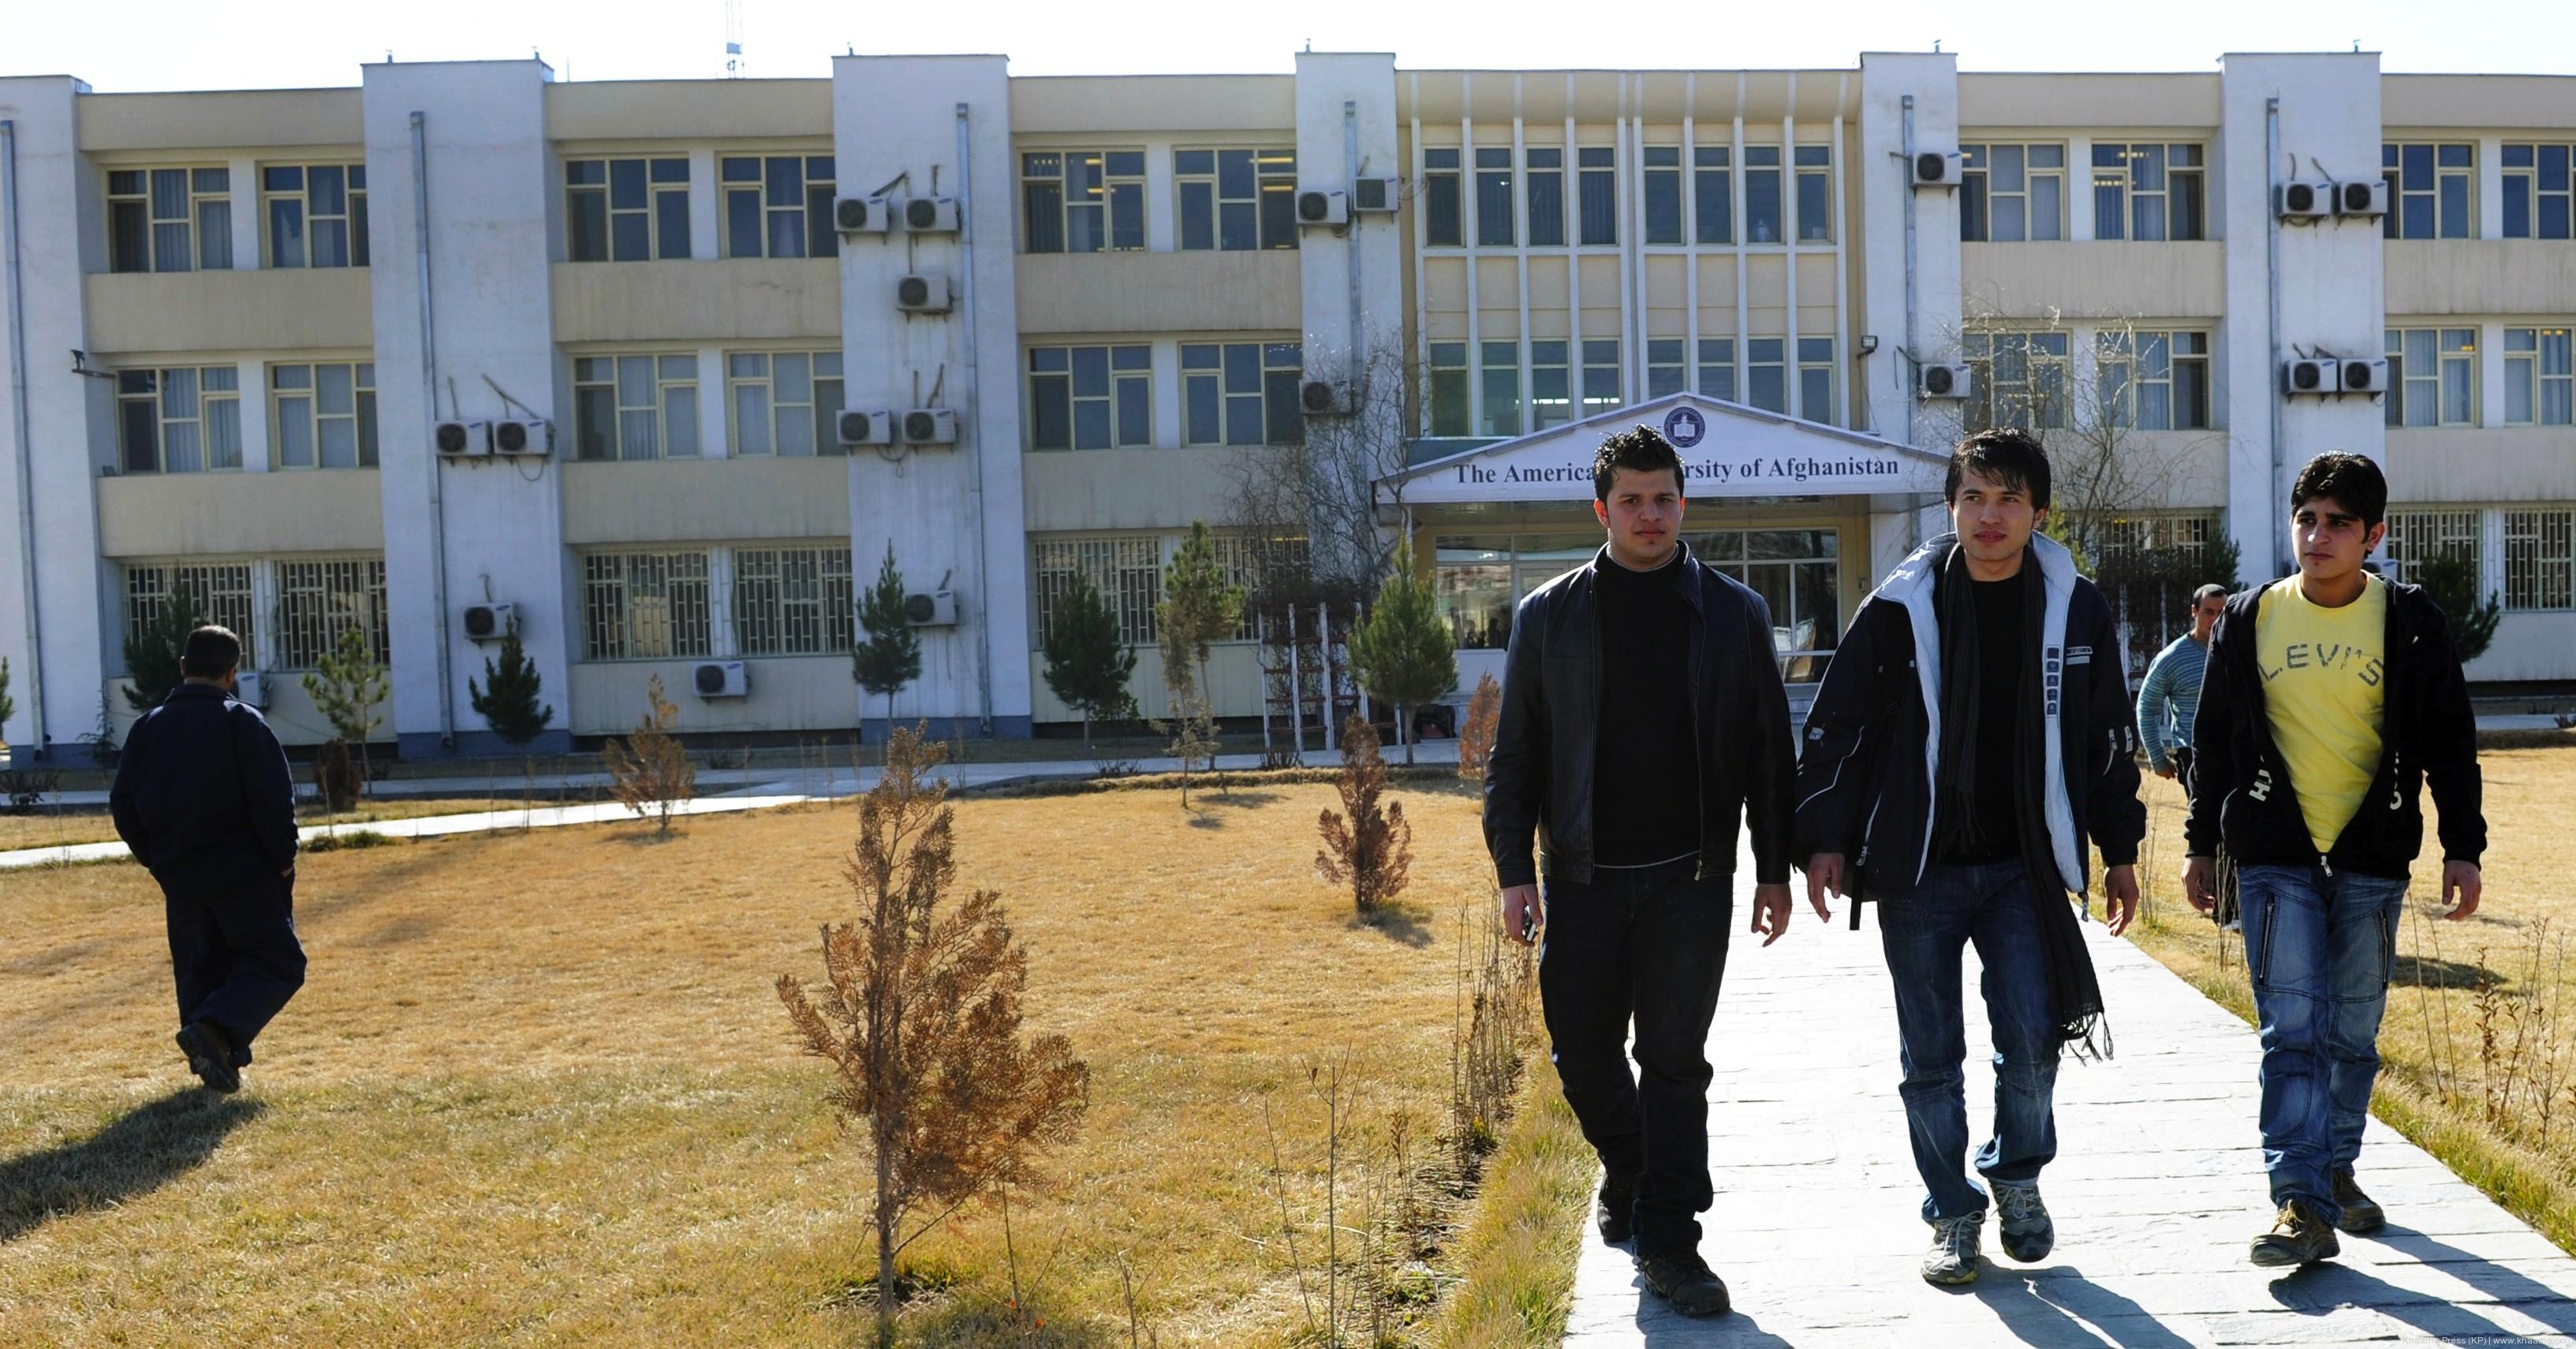 رقص دخترانه در دانشگاه پیام نور نجف آباد رقص دخترانه در دانشگاه پیام نور نجف آباد رقص دخترانه در دانشگاه پیام نور نجف آباد